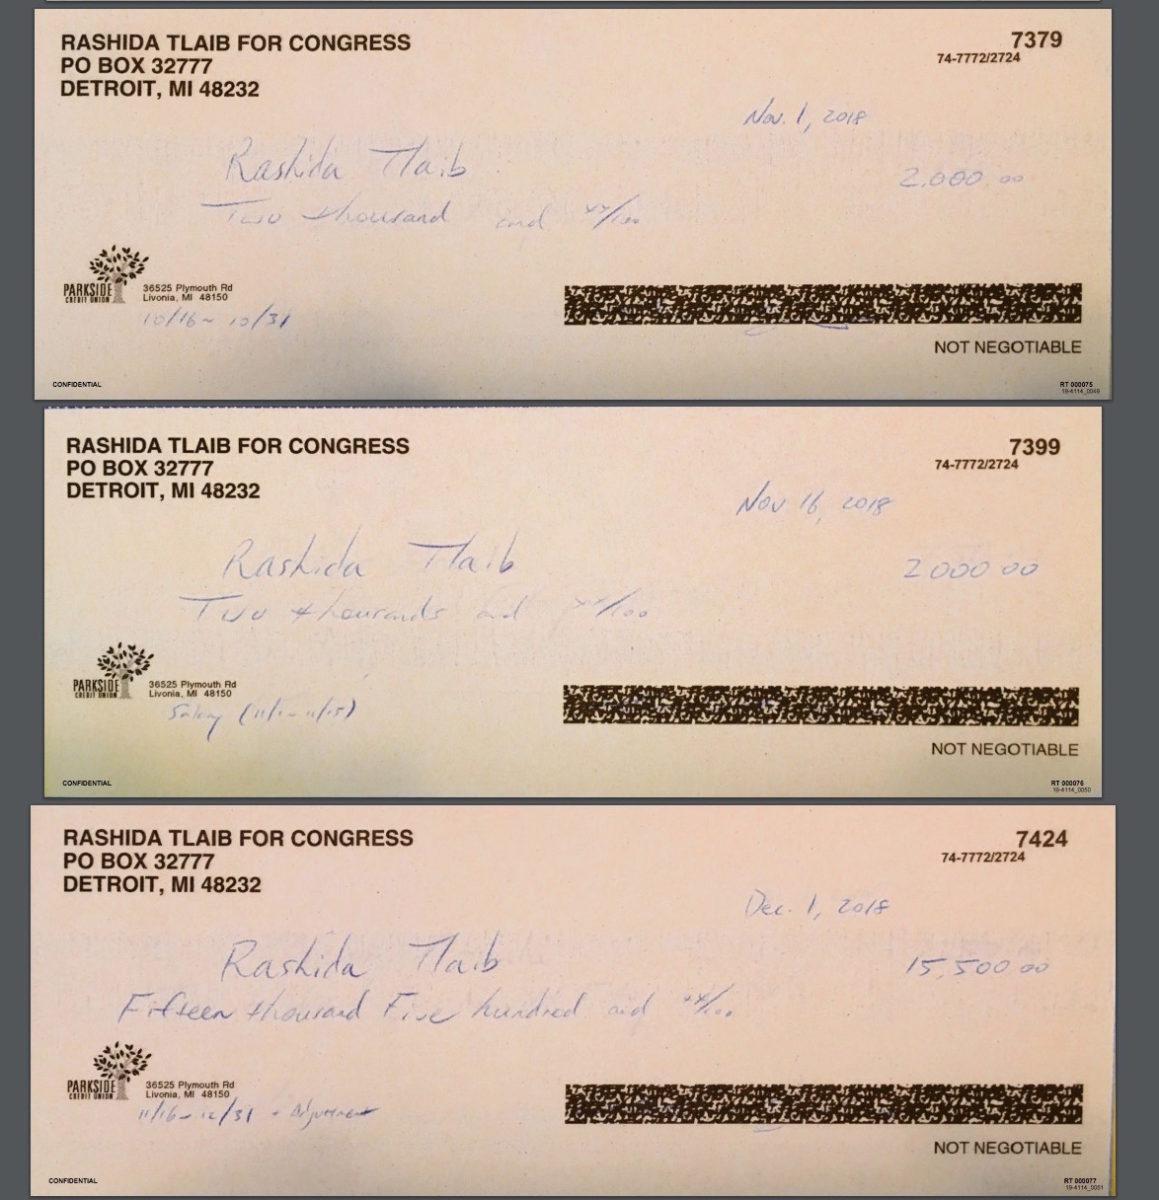 Rep. Rashida Tlaib campaign checks